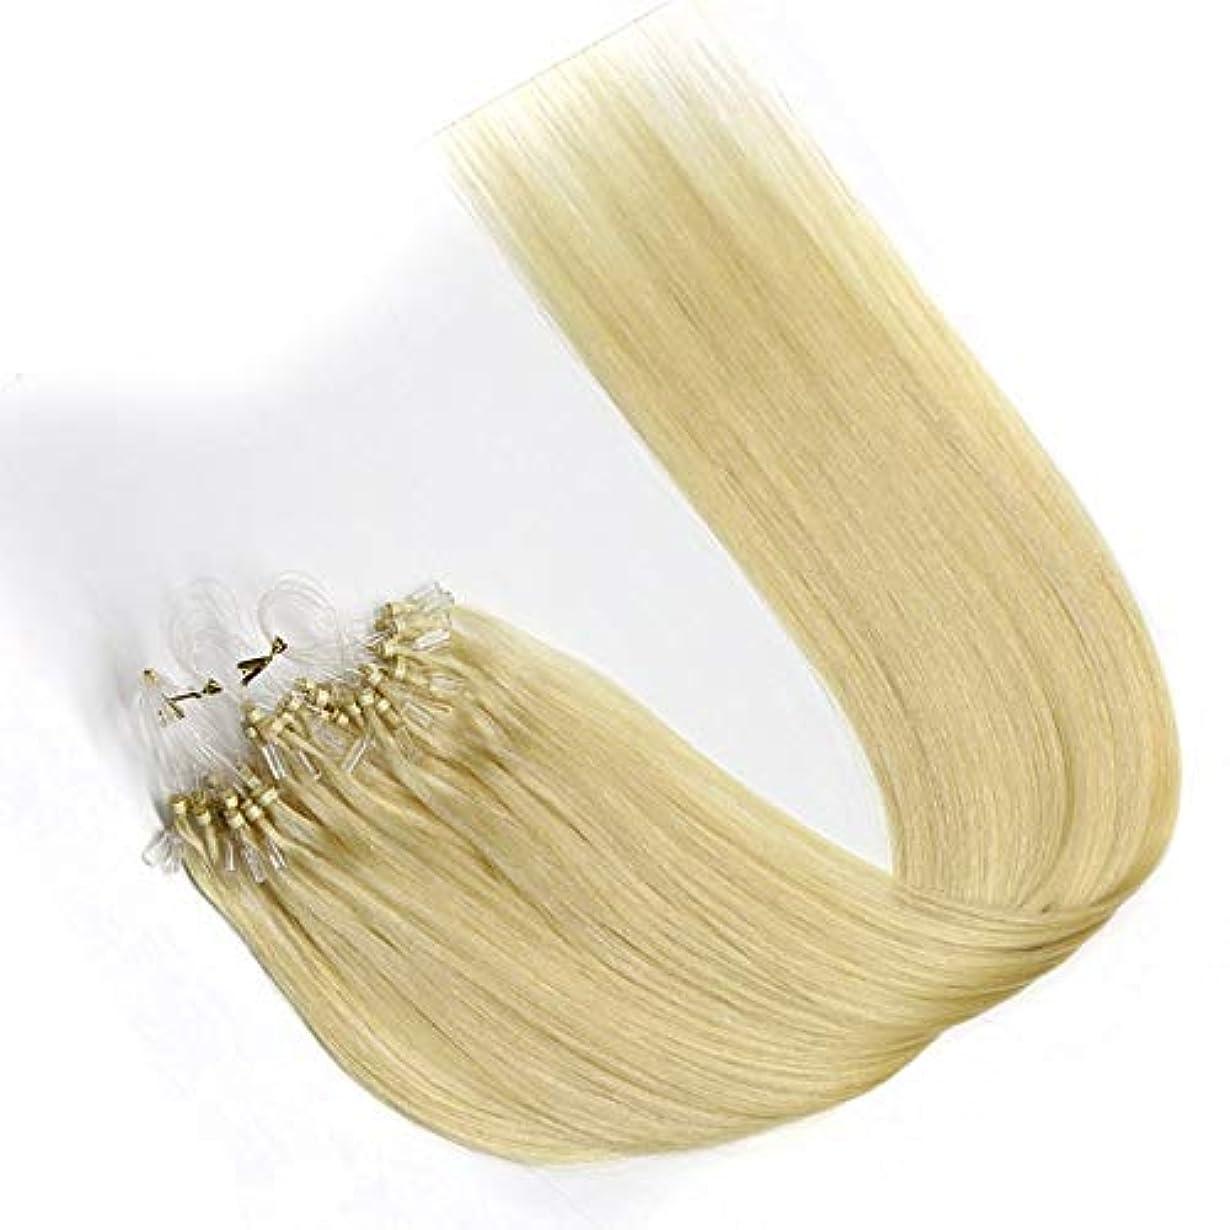 荒らす奇跡みなすWASAIO 女性のためのヘアエクステンションクリップUnseamed髪型ブロンド着色簡単ループマイクロビーズを (色 : Blonde, サイズ : 24 inch)